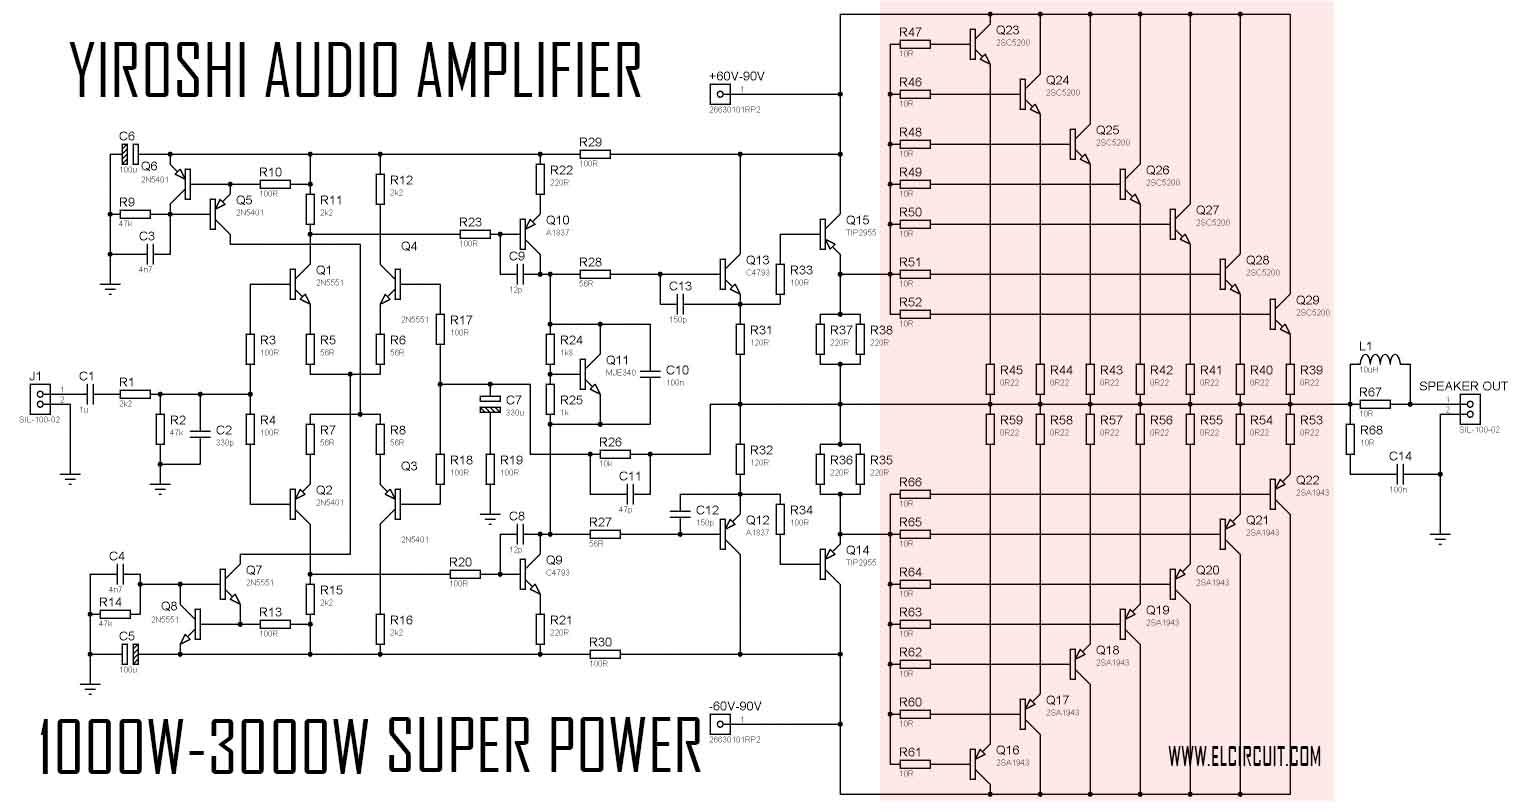 Super Power Amplifier Yiroshi Audio 1000 Watt Electronic Circuit